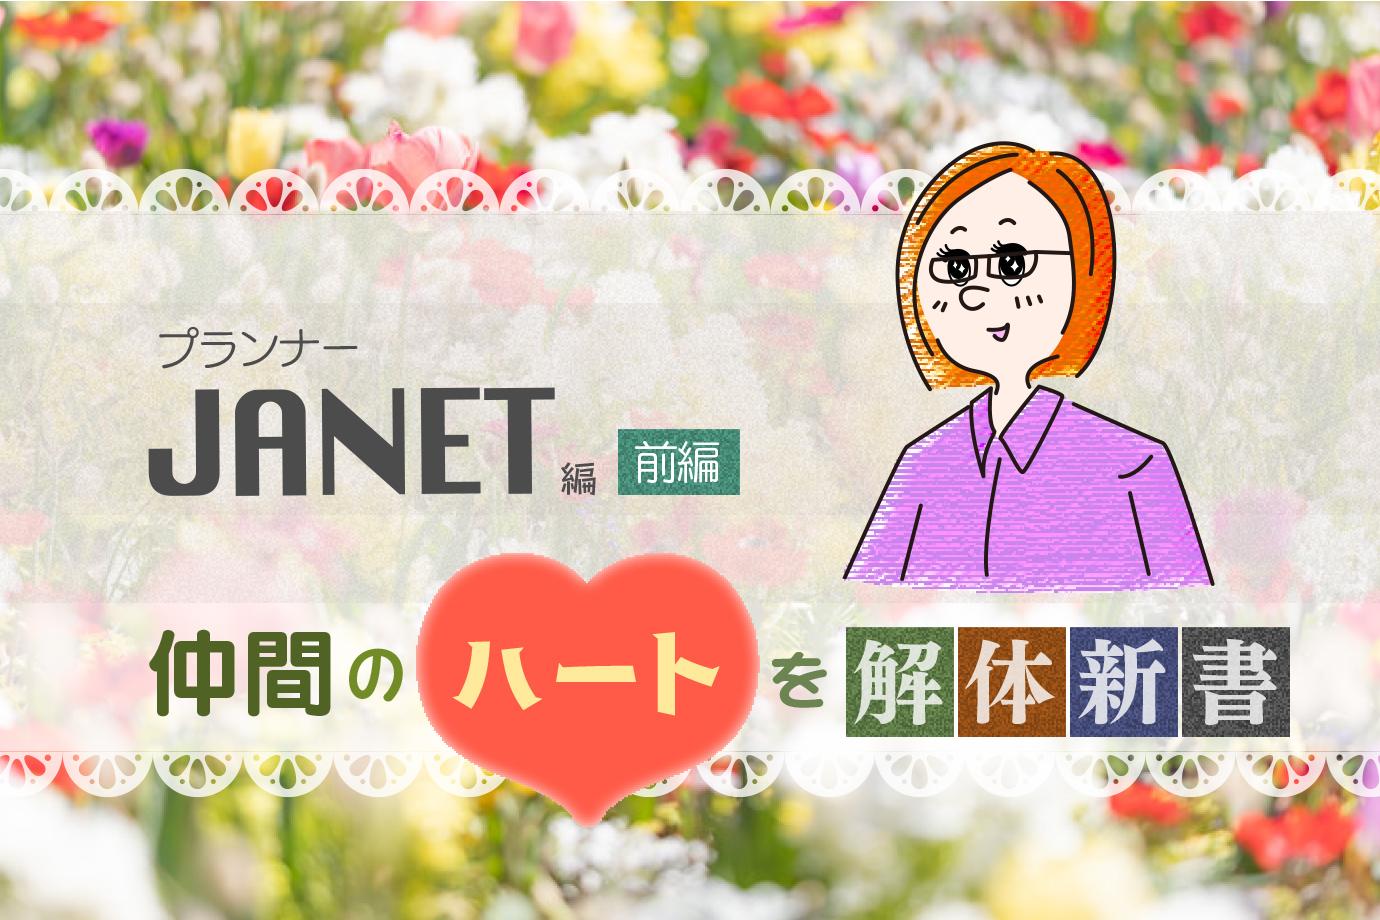 仲間のハートを解体新書 『プランナー JANET 編』前編